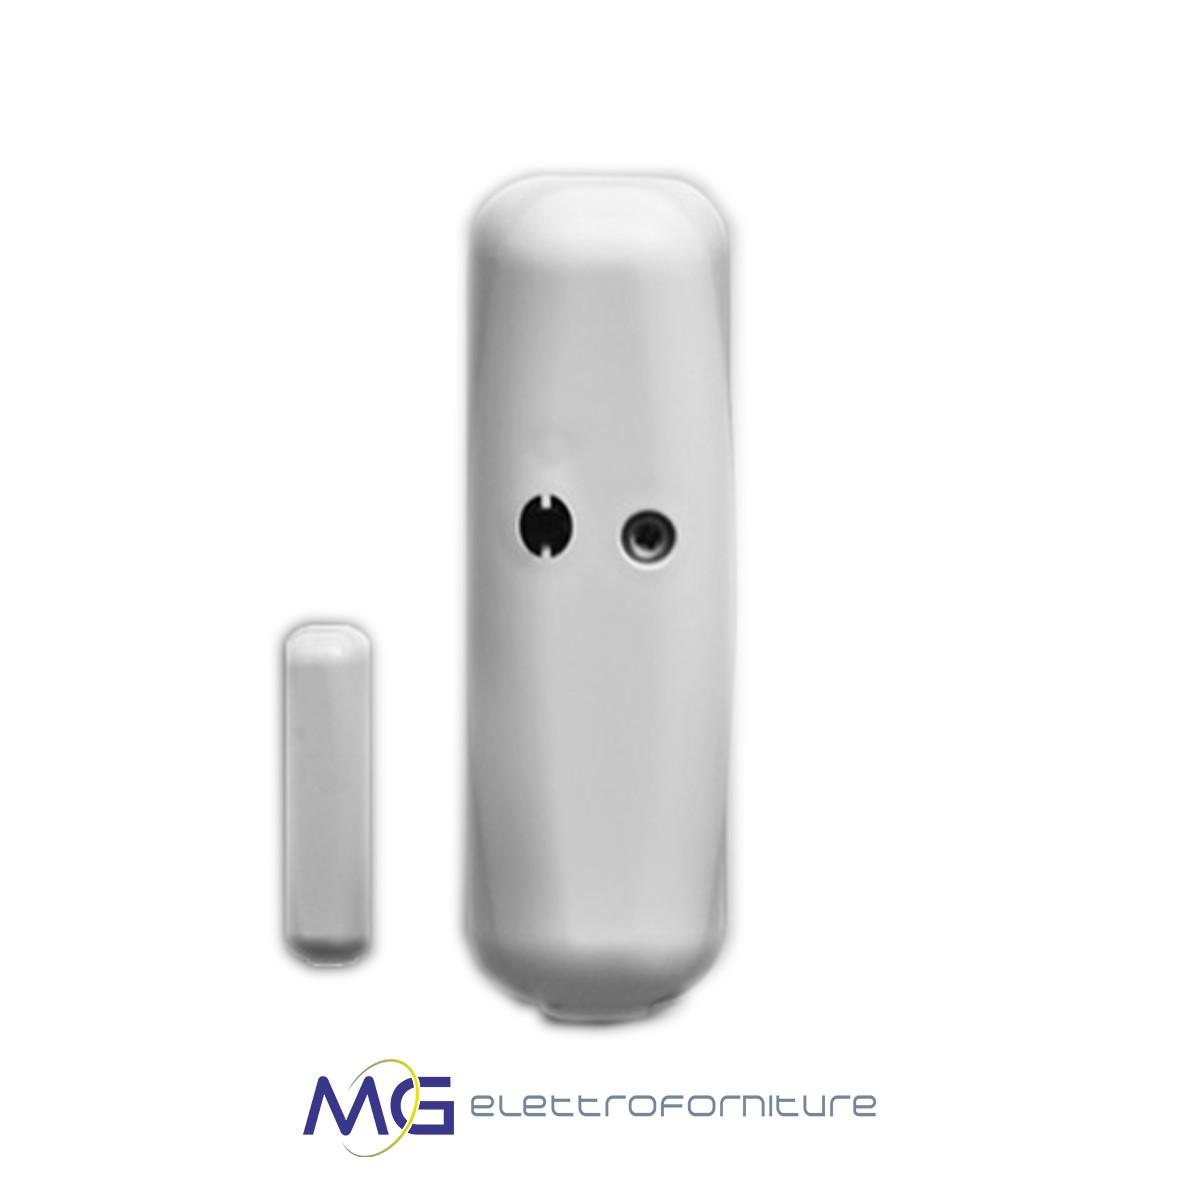 essegibi_3sense_plus_reed_magnetico_sensore_di_impatto_digitale_triassiale_accelerometro_bianco_marrone_mg_elettroforniture_prezzo_basso_migliore_2